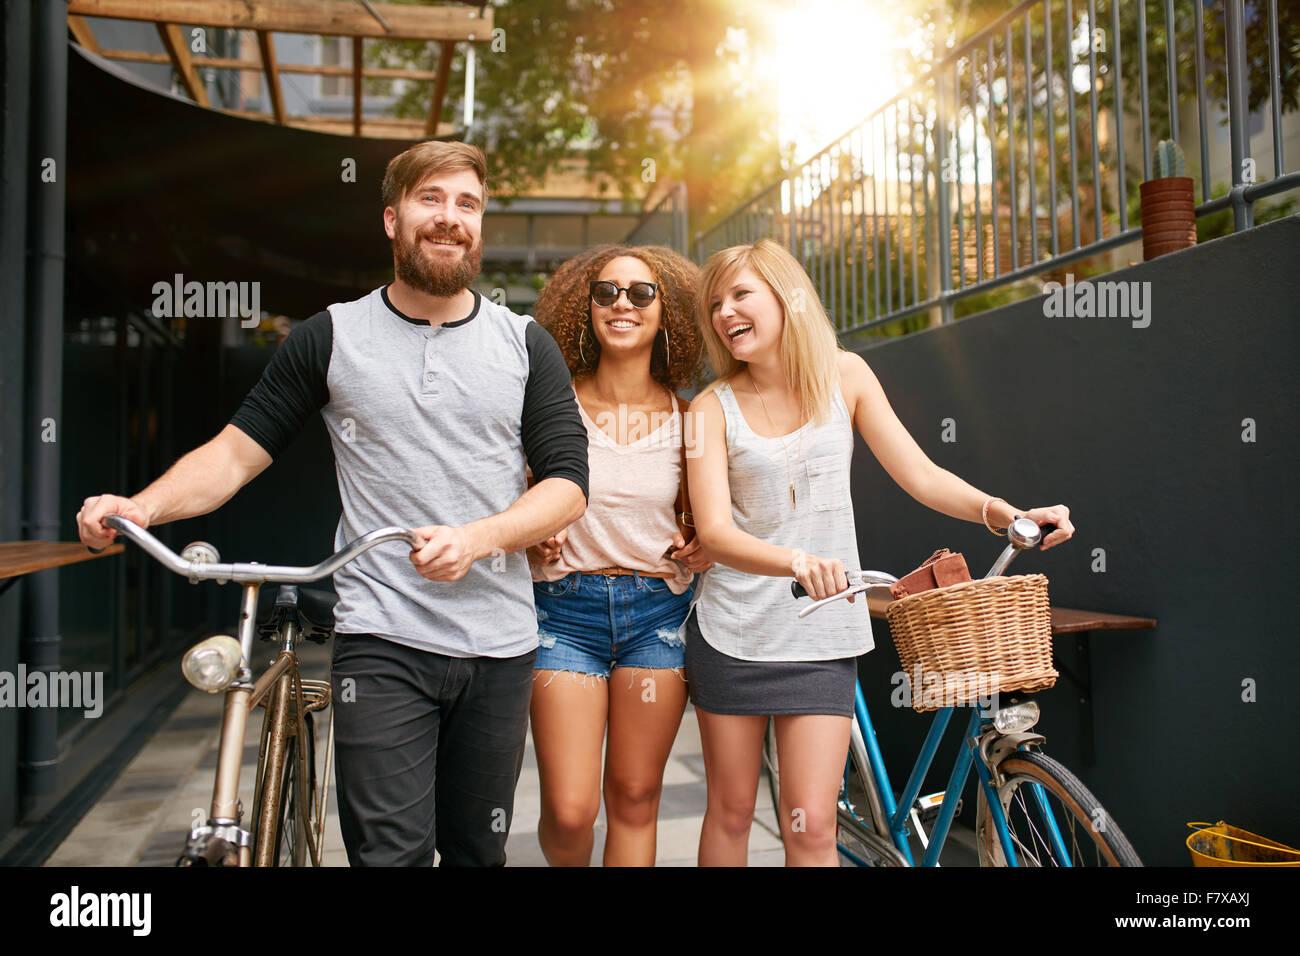 Trois jeunes gens marchant dans la rue avec leurs bicyclettes et d'avoir du plaisir. Les amis masculins et féminins Photo Stock